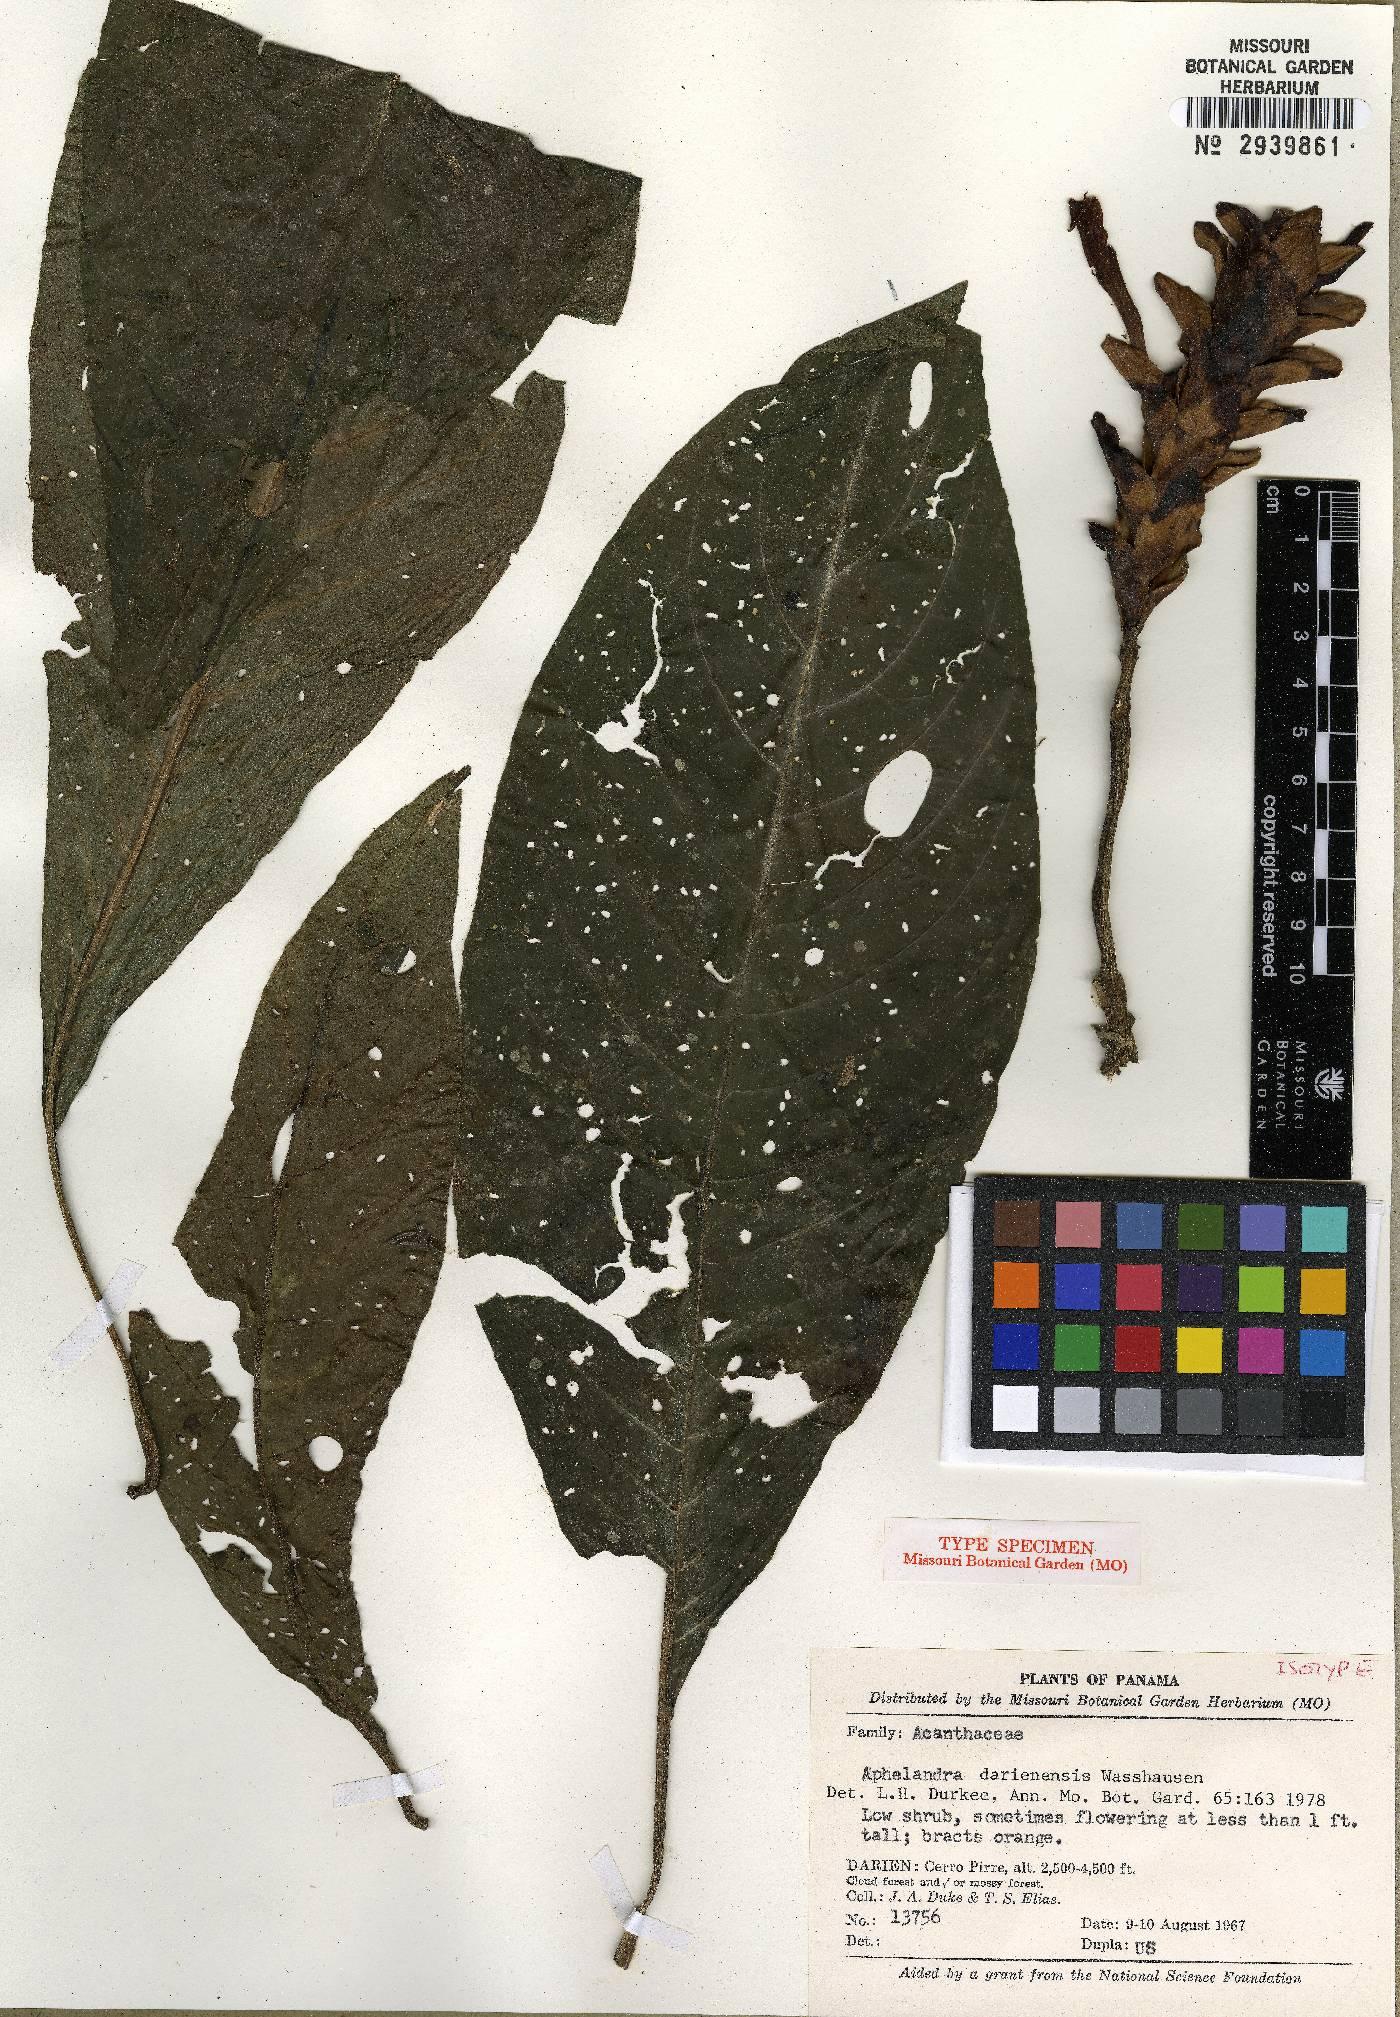 Aphelandra darienensis image